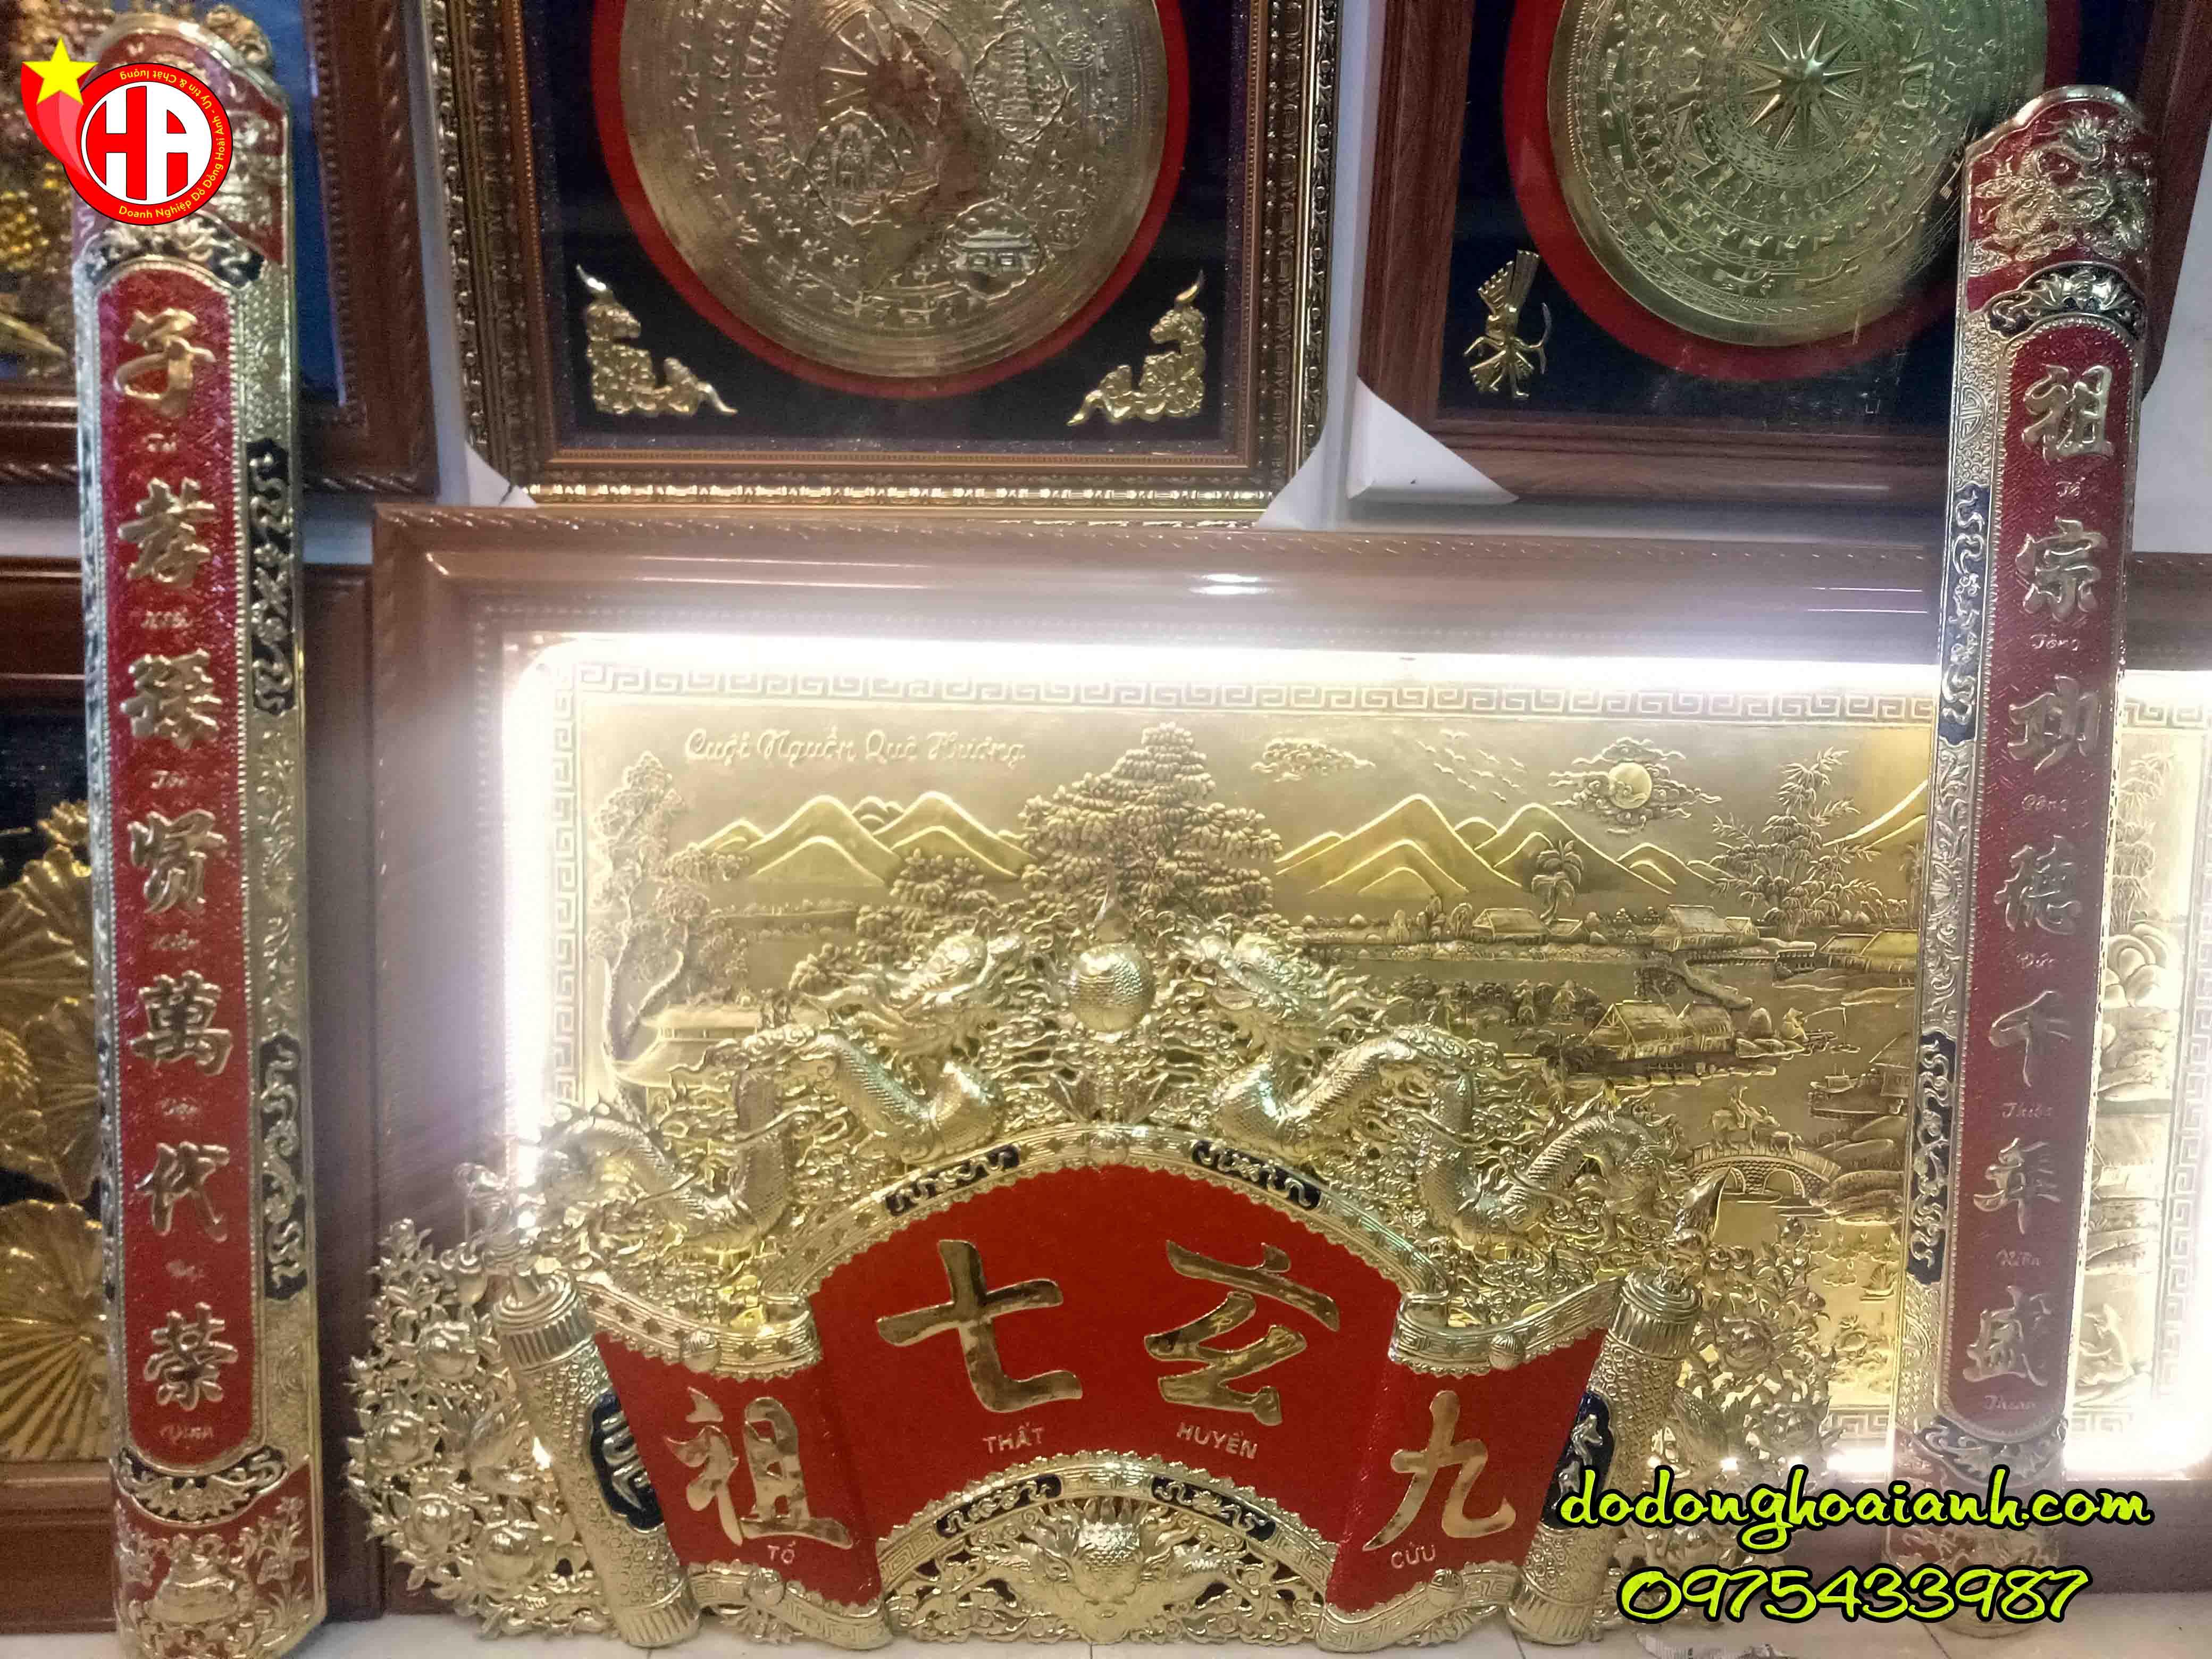 Bộ cuốn thư Cửu Huyền Thất Tổ đồng vàng nền đỏ